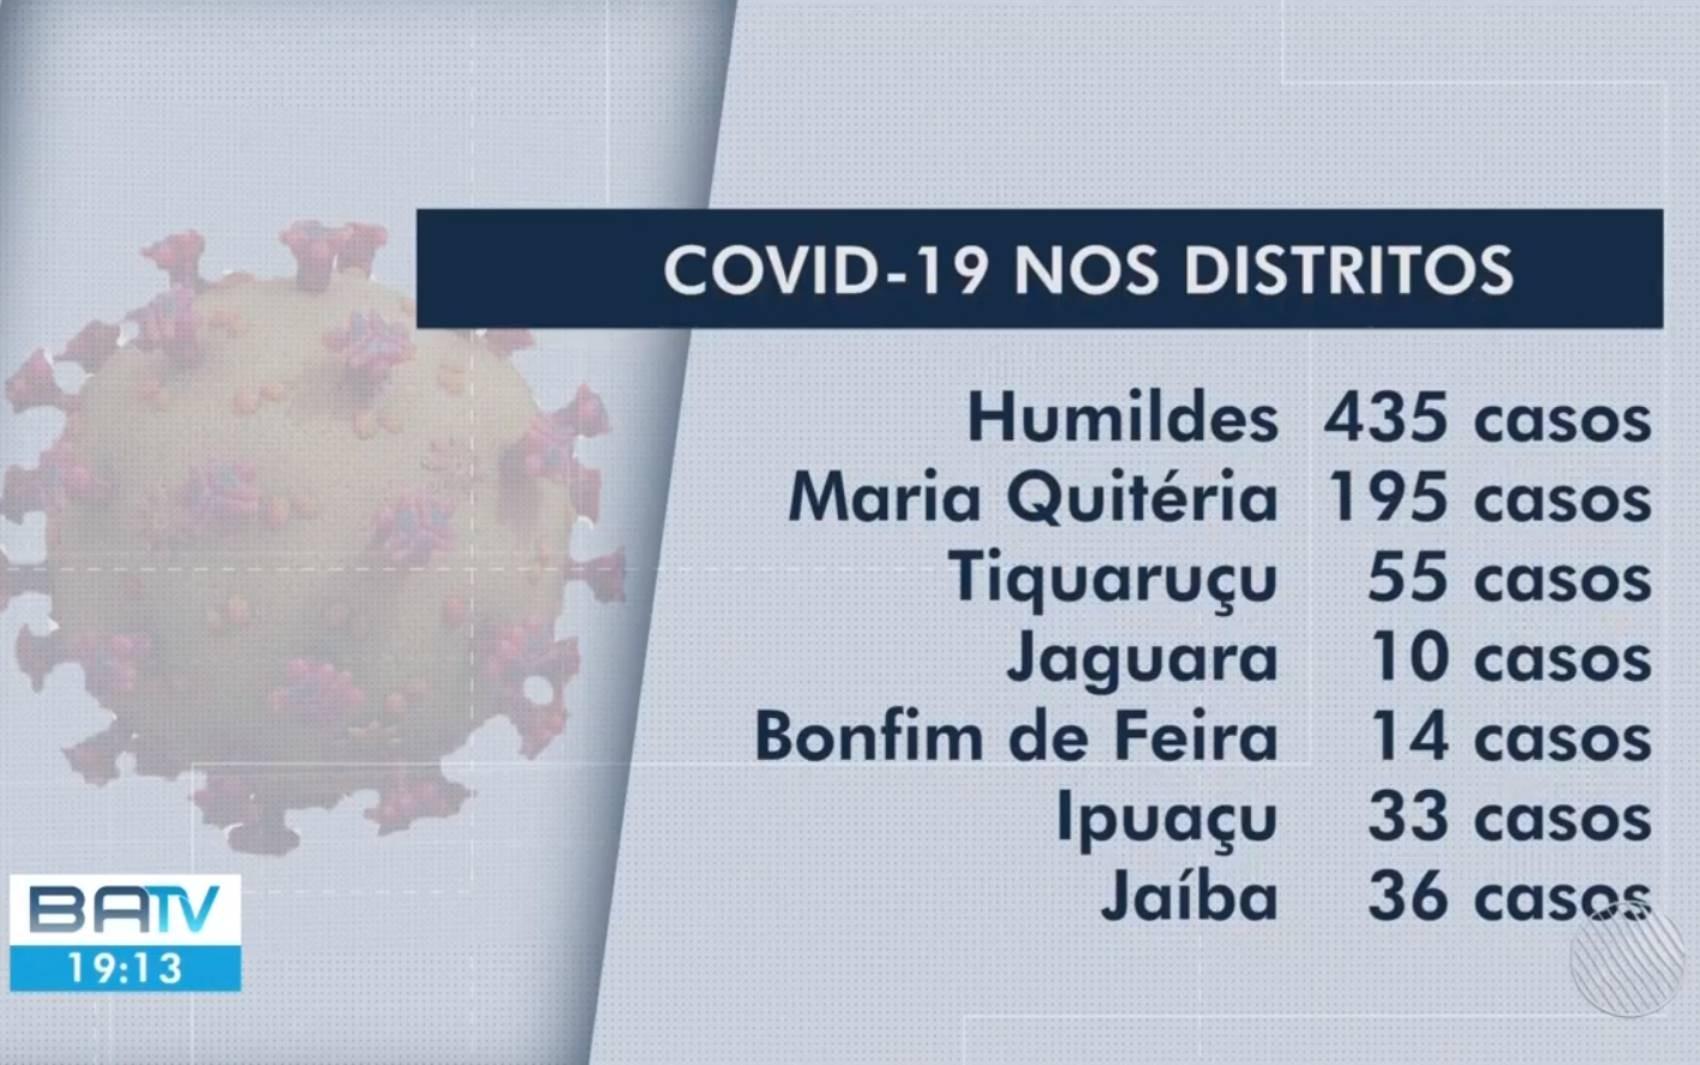 Humildes tem maior número de casos de Covid-19 entre os distritos de Feira de Santana, no interior da Bahia